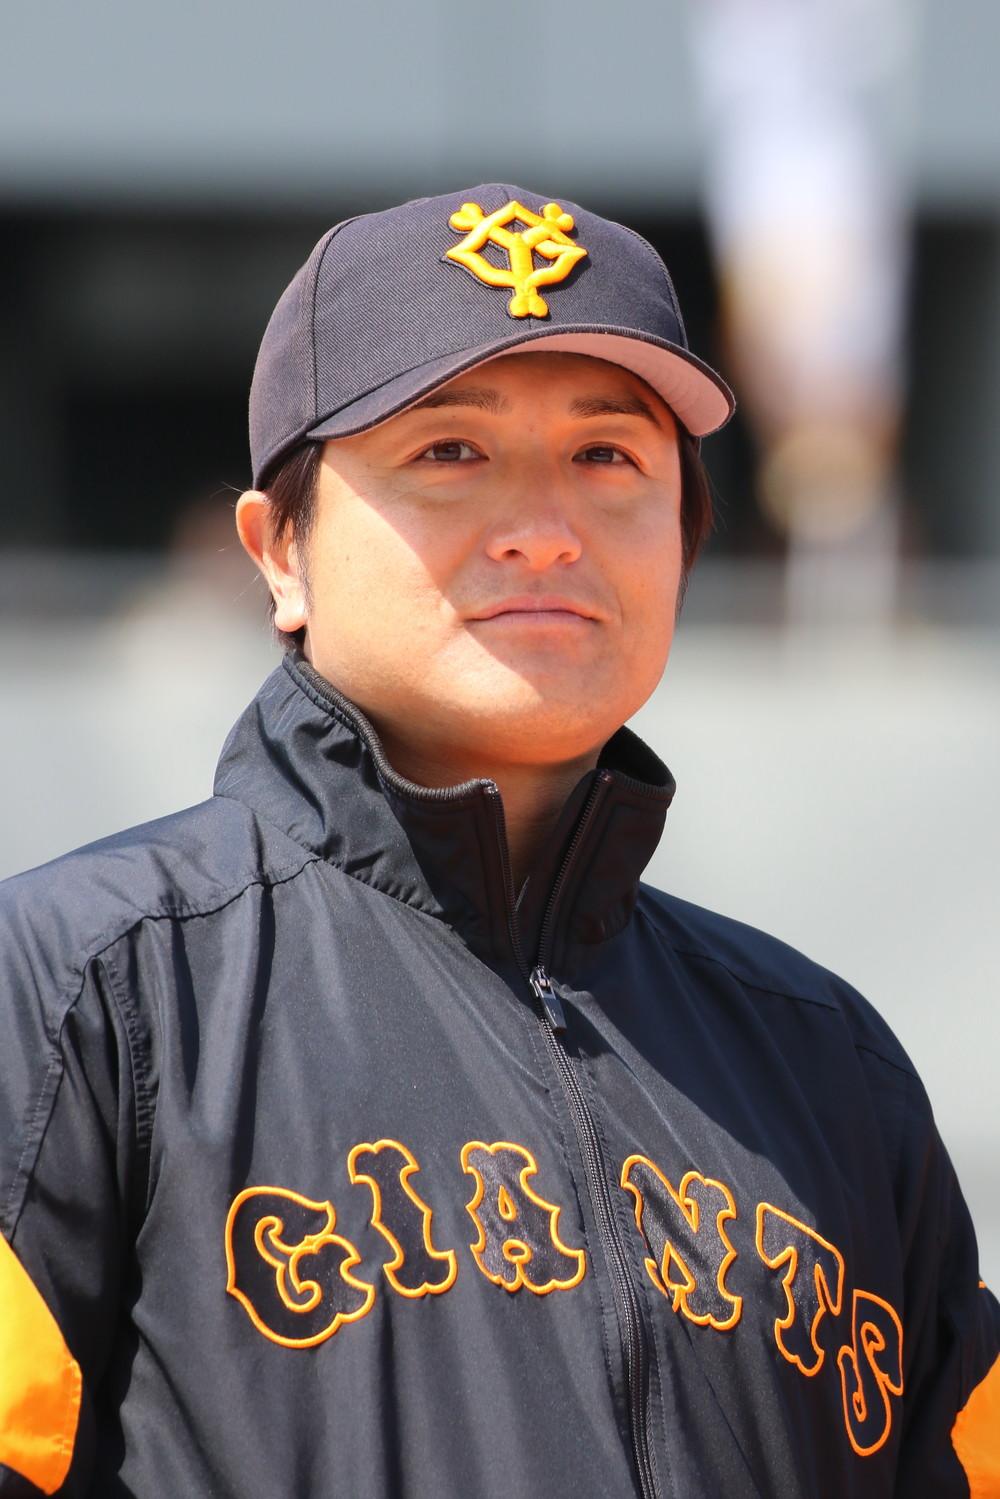 メモ魔・高橋由伸は、監督時代に何を書いていた? 「やっぱり...」「ストレスか」正体に反響